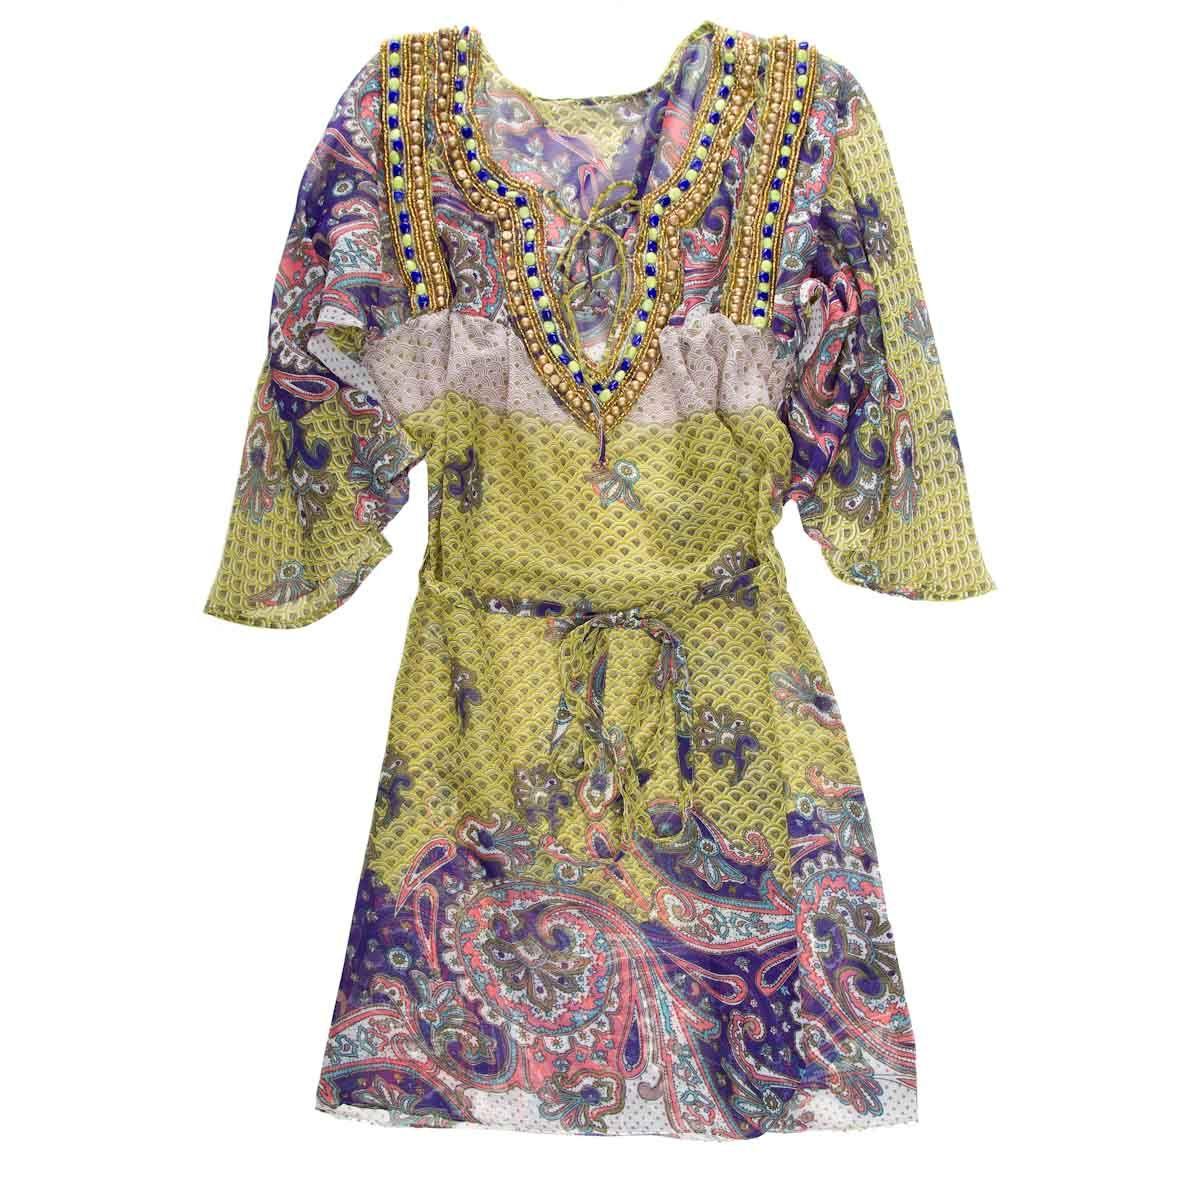 Gemstone Gypsy >> Oh, love this! $ 39.95